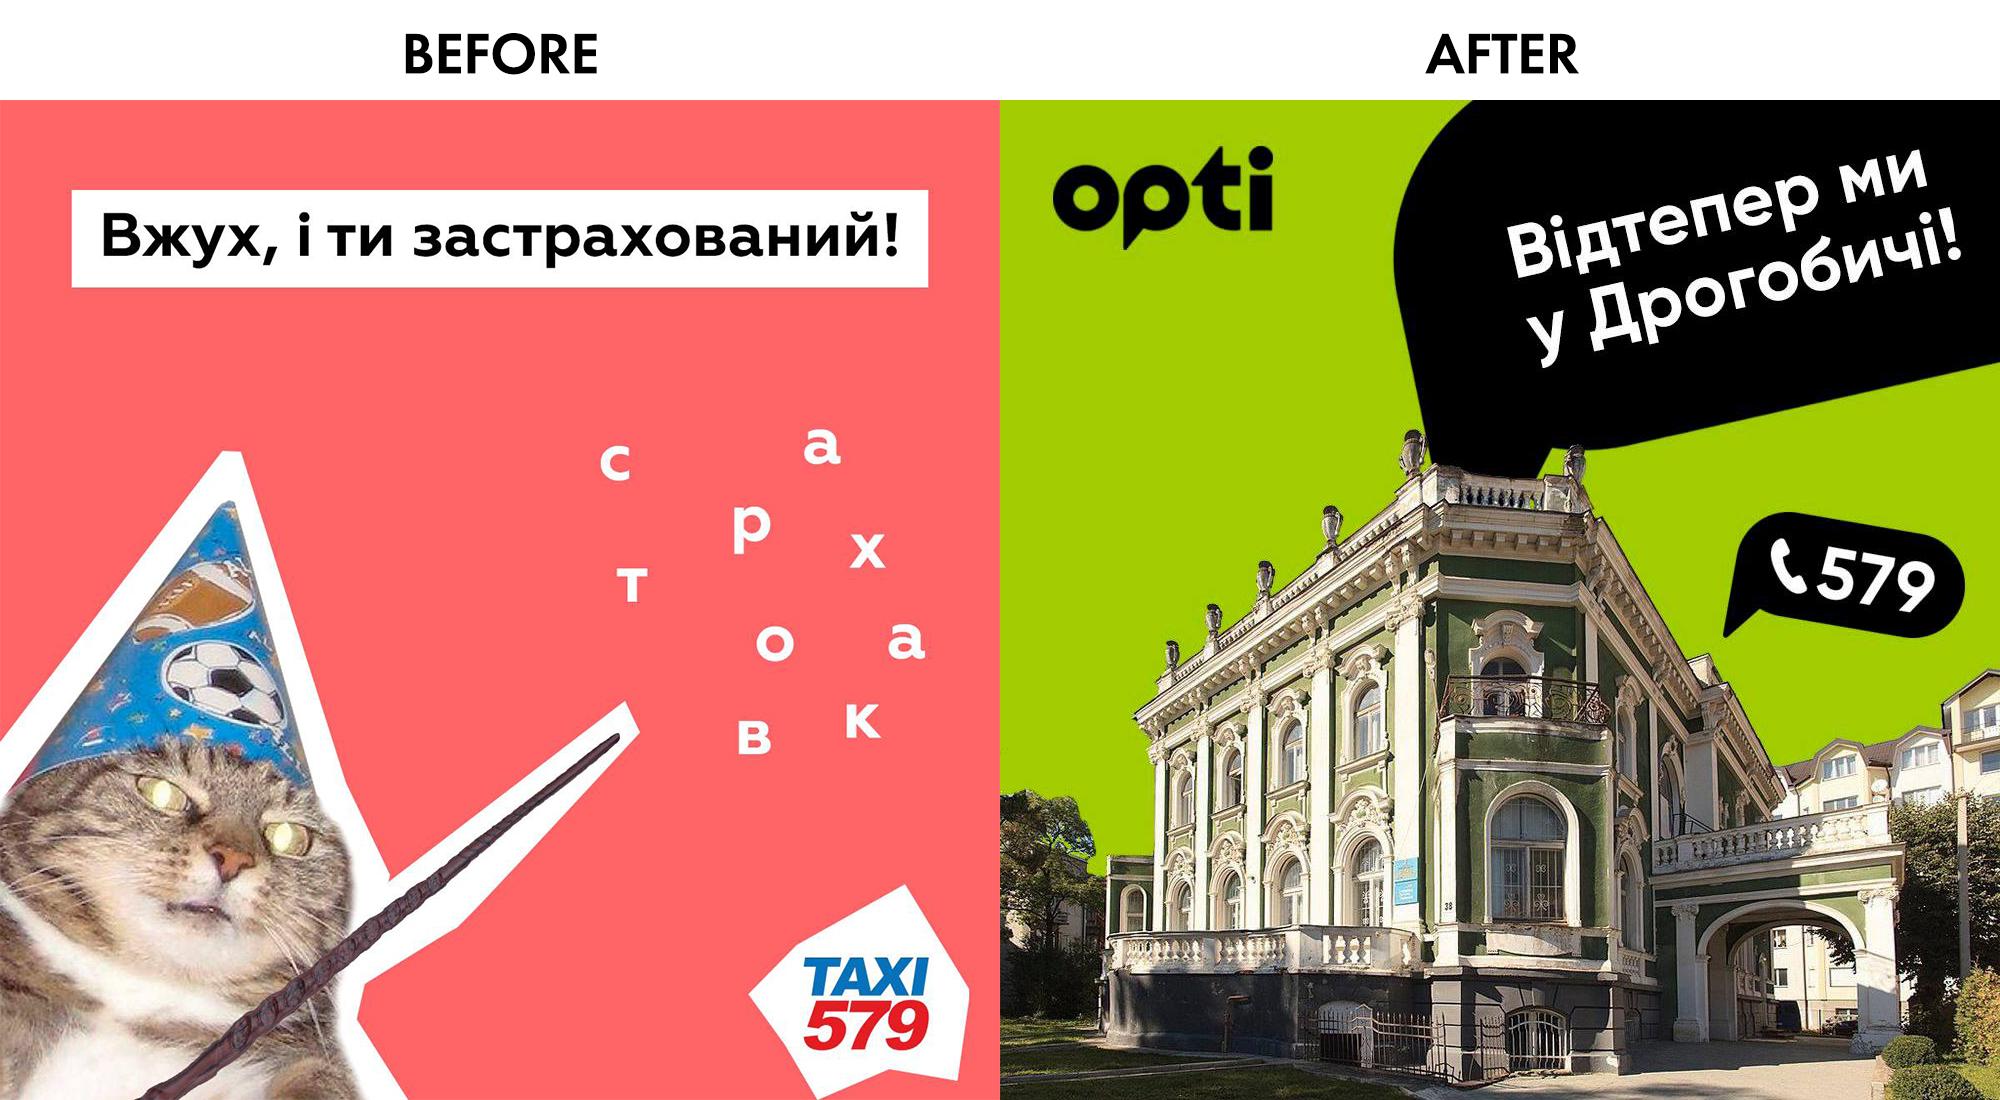 Служба такси Opti: до и после